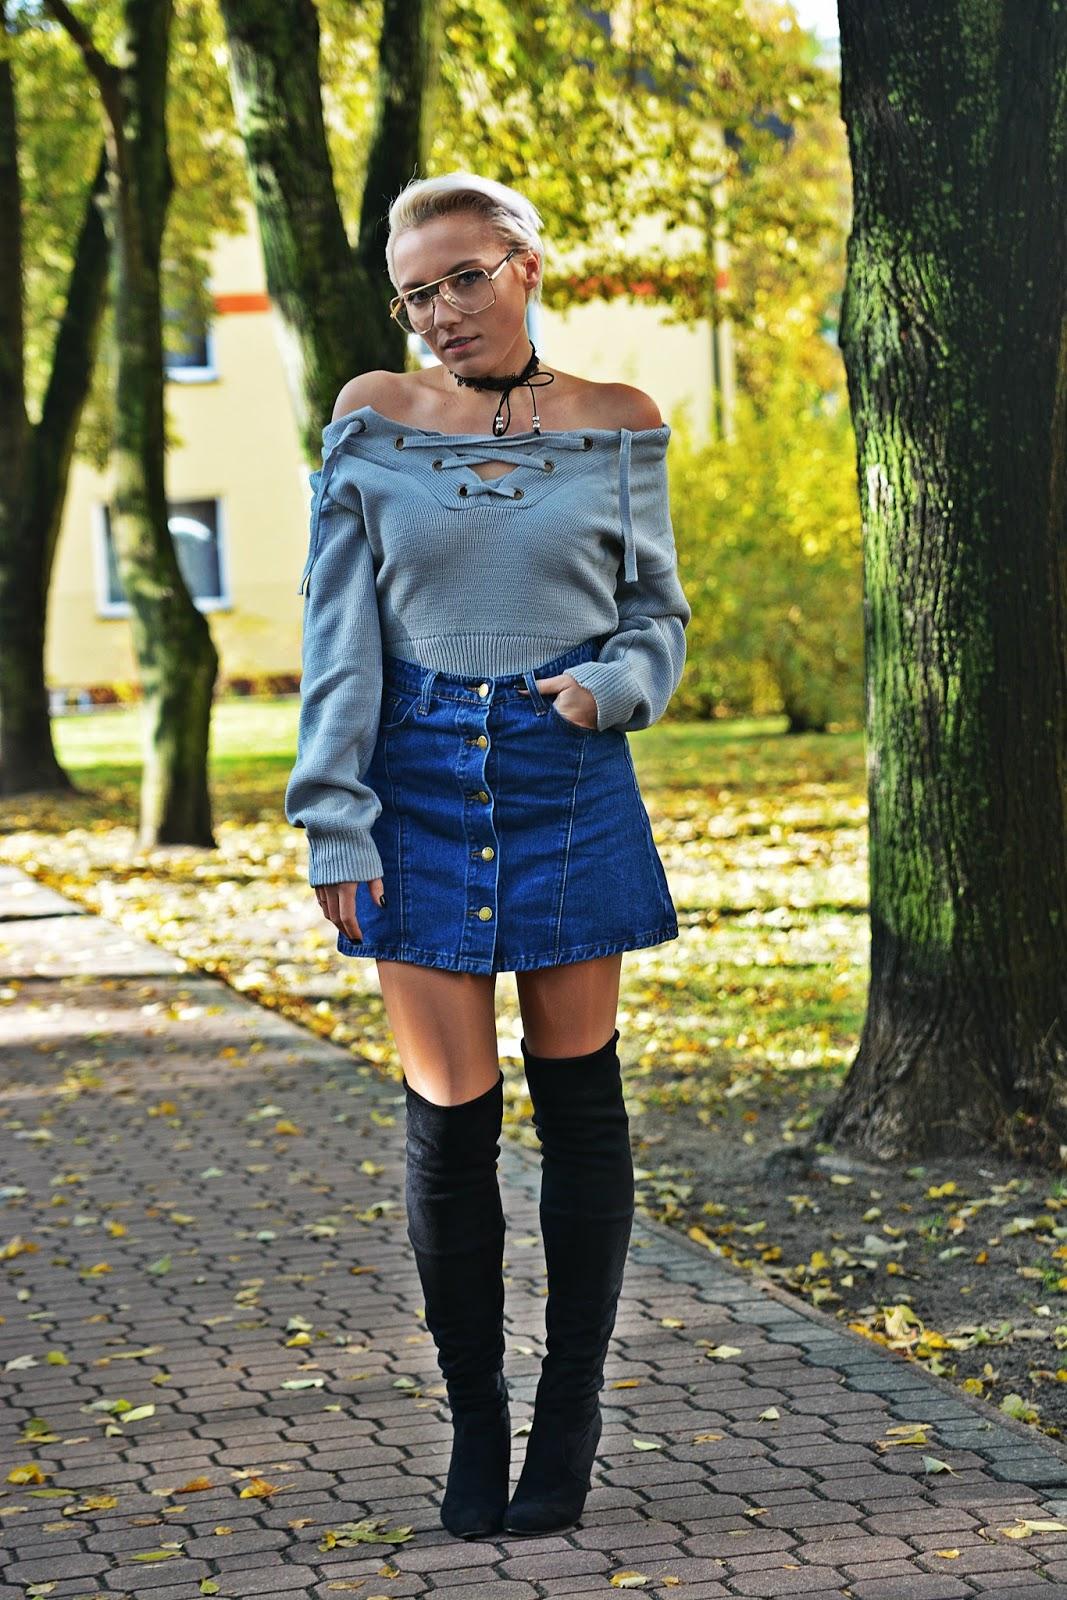 szary_plaszcz_spodnica_jeans_guziki_bordowa_ramoneska_karyn1